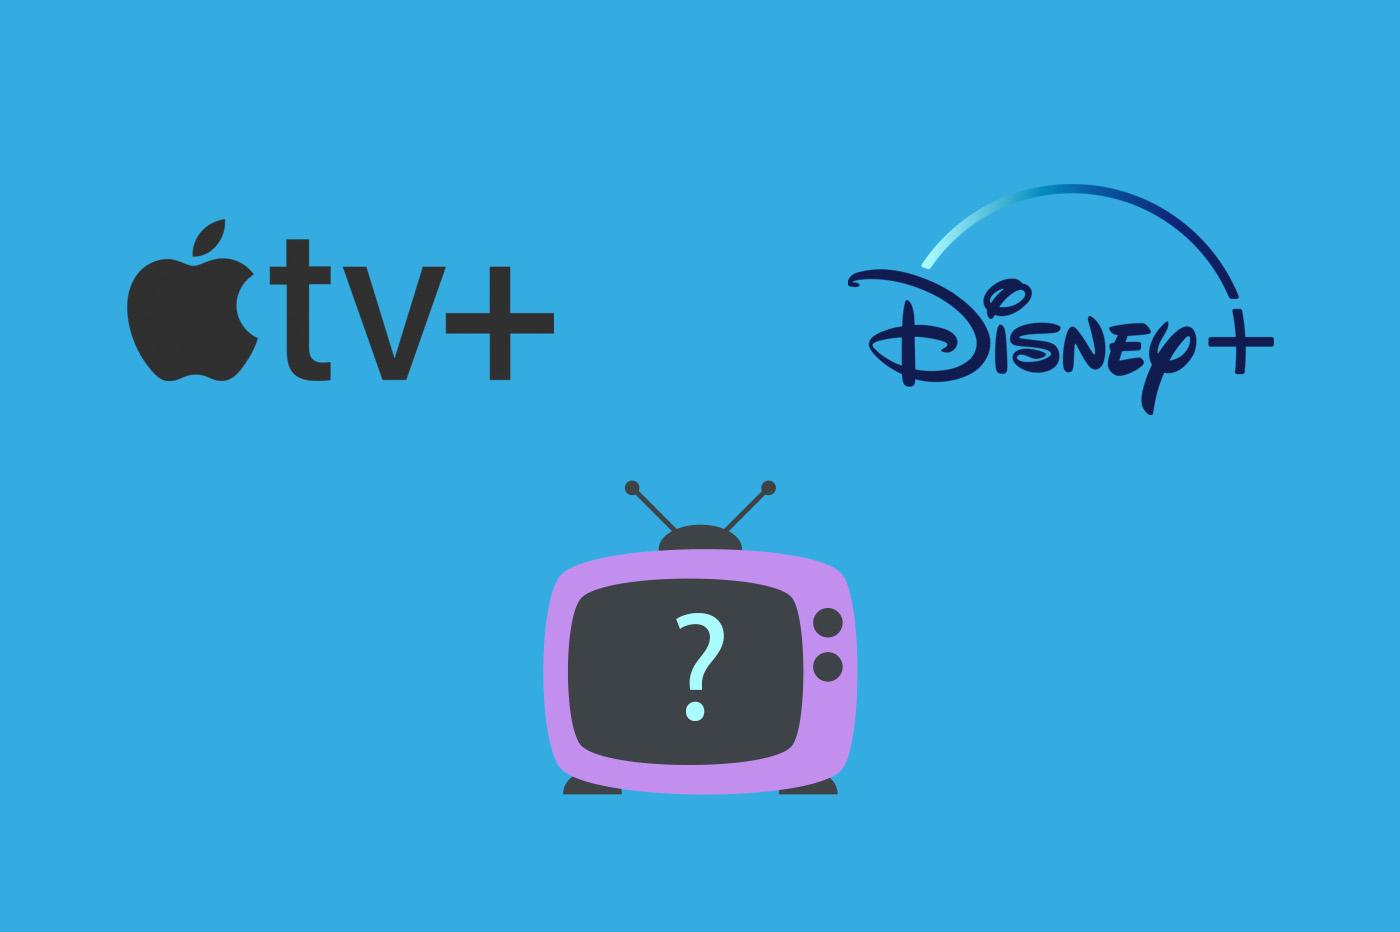 Apple TV+ vs Disney+ comparatif et différences